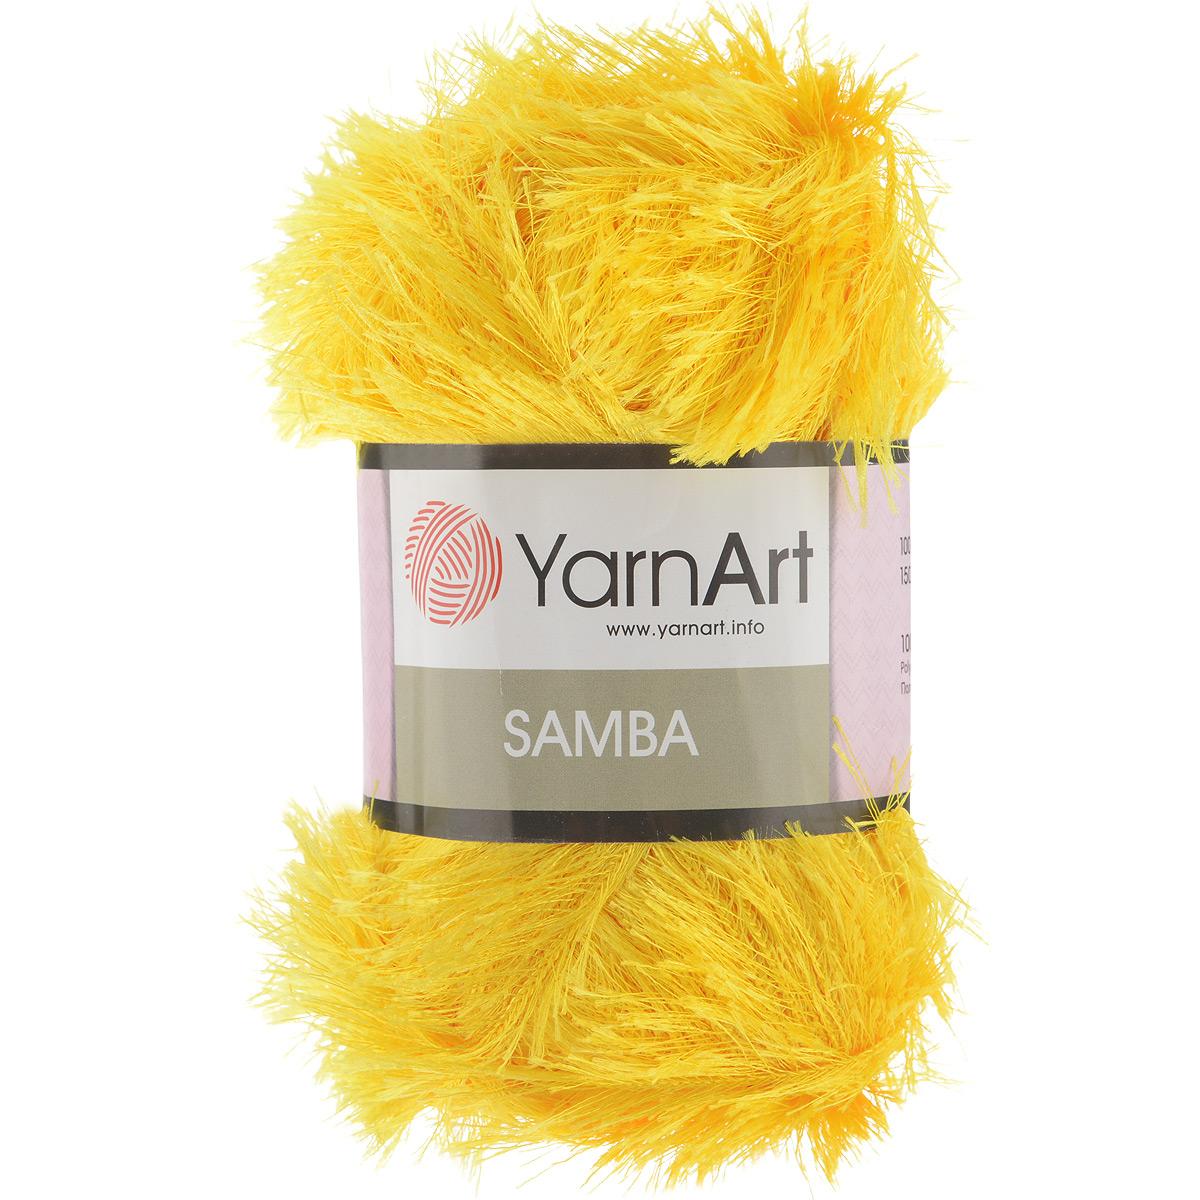 Пряжа для вязания YarnArt Samba, цвет: ярко-желтый (5500), 150 м, 100 г, 5 шт372009_5500Пряжа YarnArt Samba представляет собой яркий пример отделочной нити, с помощью которой можно придать оригинальность и красоту каждому изделию. Нить удобна тем, что подлежит работе и крючком, и спицами. Пряжа YarnArt Samba не требует особых изысков в выборе узора - пушистый ворс нитки делает привлекательным даже обыкновенную гладь. Нить скрученная, средней толщины, послушна в работе, удобно скользит. Состав: 100% полиэстер. Комплектация: 5 мотков. Рекомендованы для вязания спицы № 5,5, крючок № 5,5.